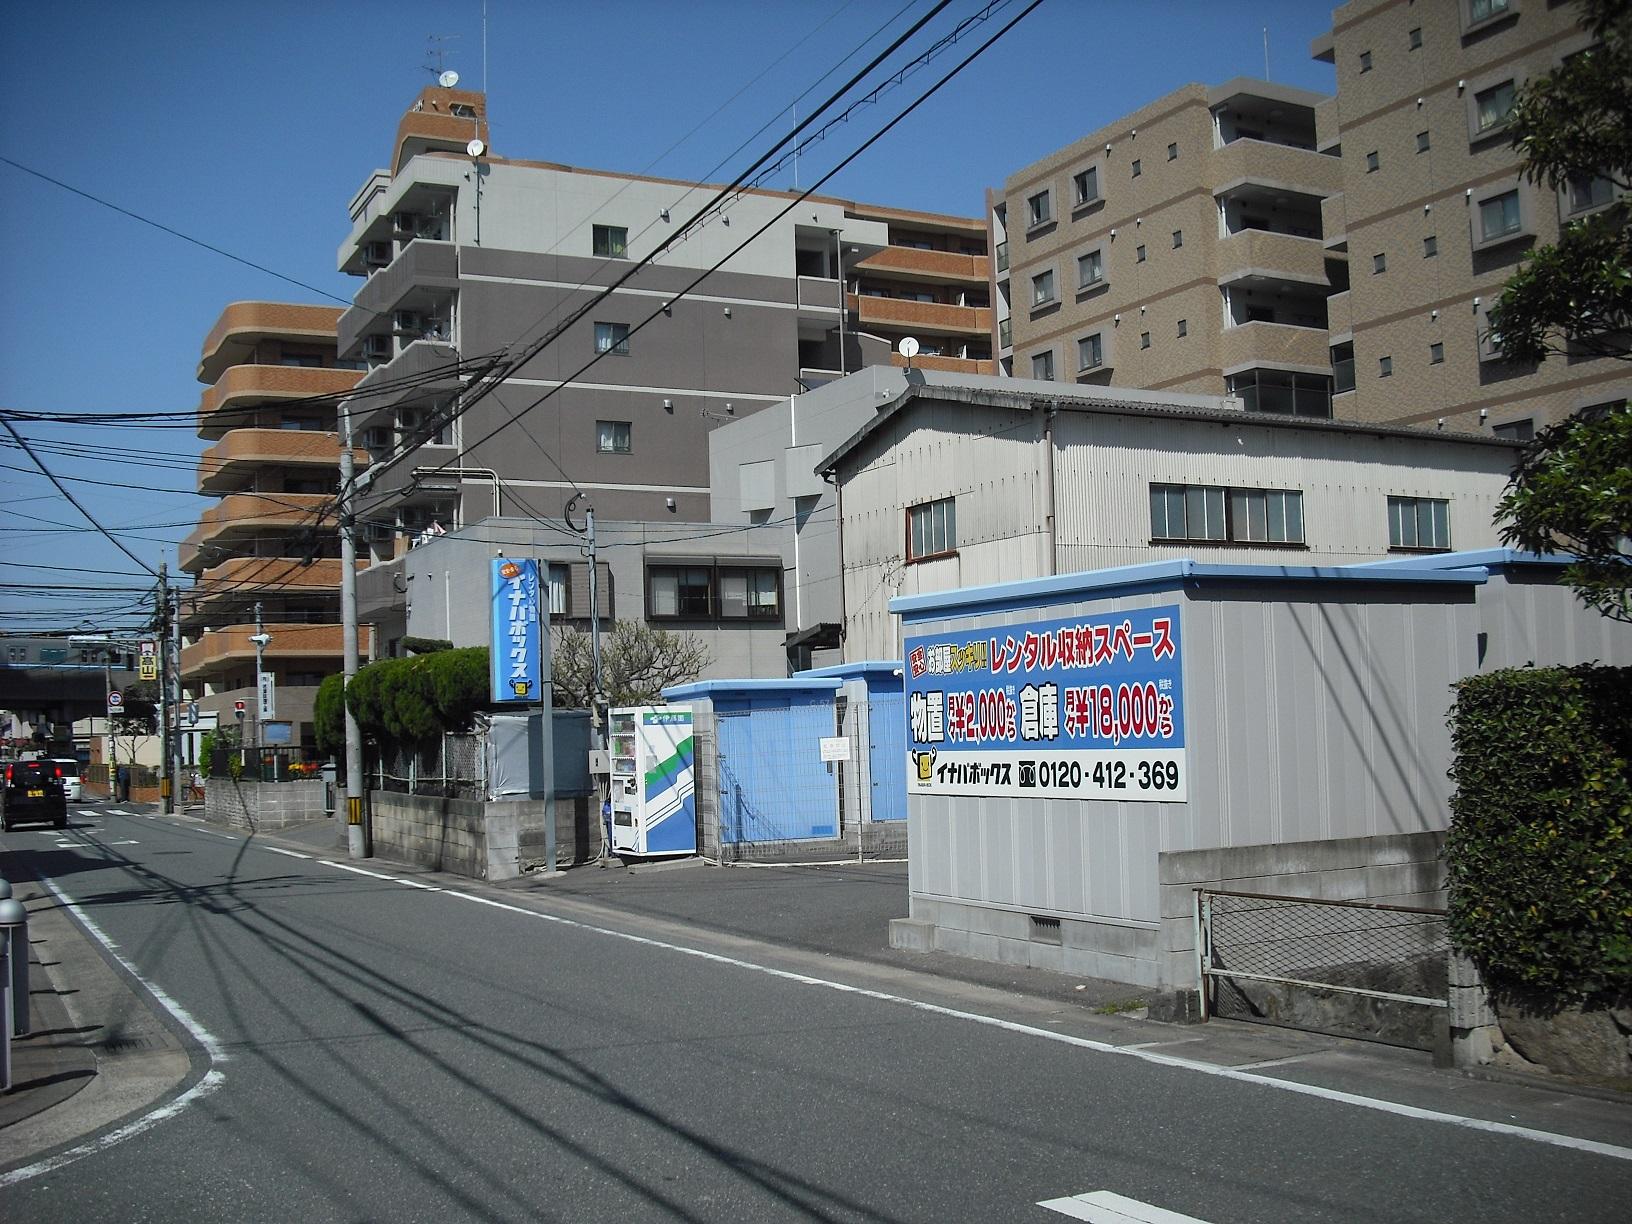 姪浜2号店 道路から見た外観